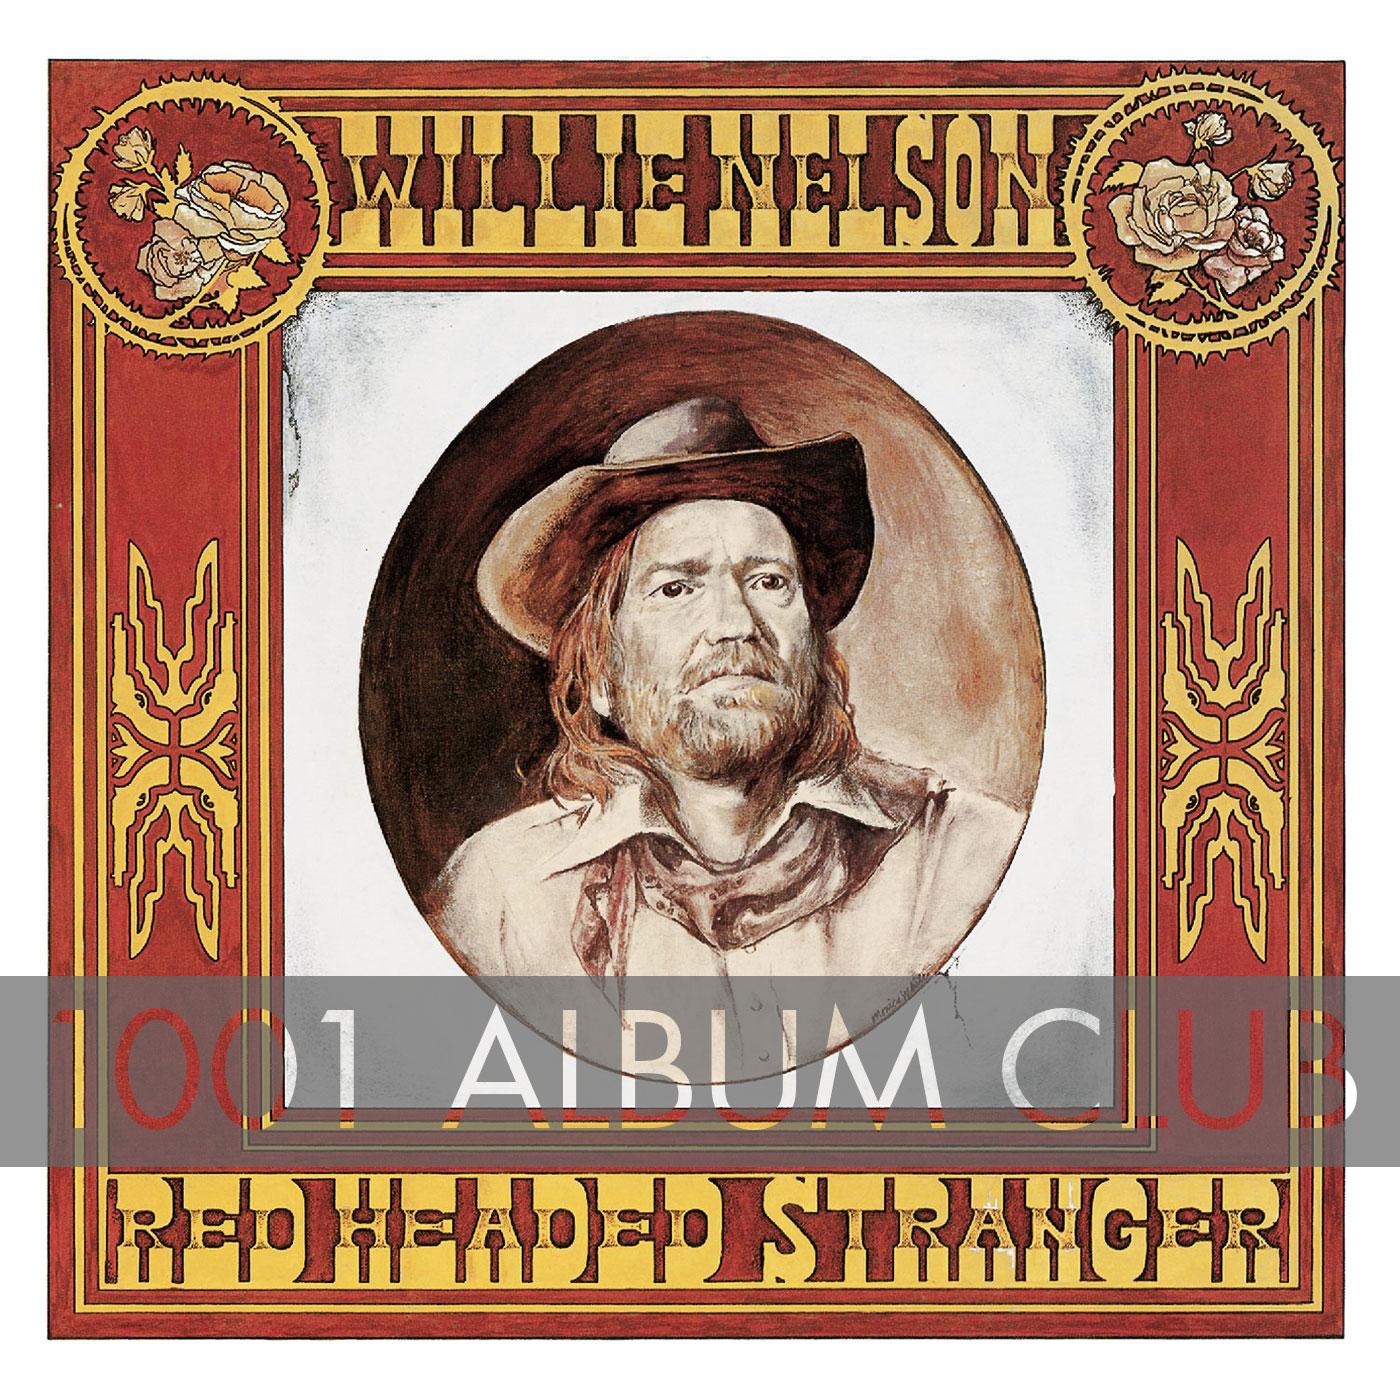 346 Willie Nelson - Red Headed Stranger